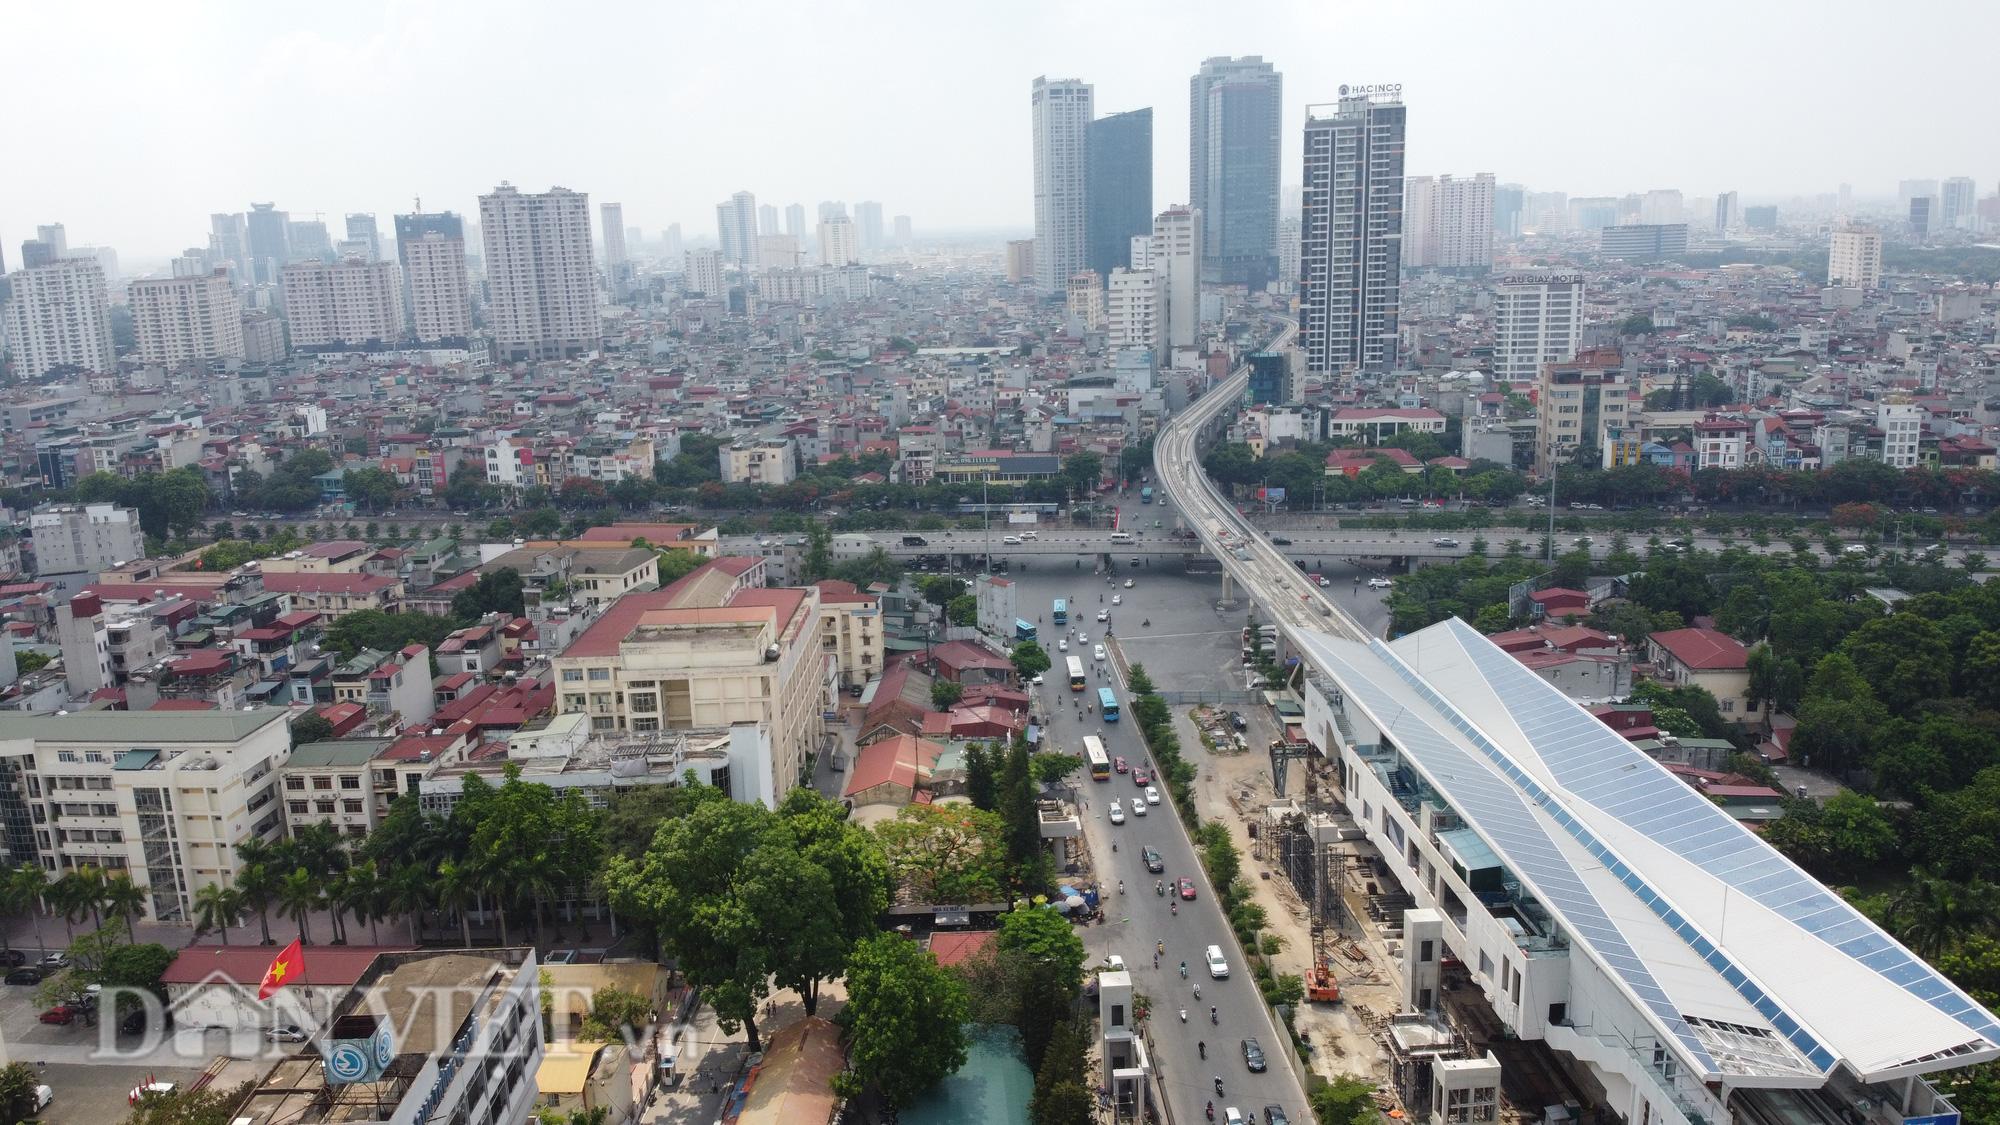 Toàn cảnh tuyến đường sắt trên cao bị đòi bồi thuờng hàng trăm tỷ đồng - Ảnh 5.